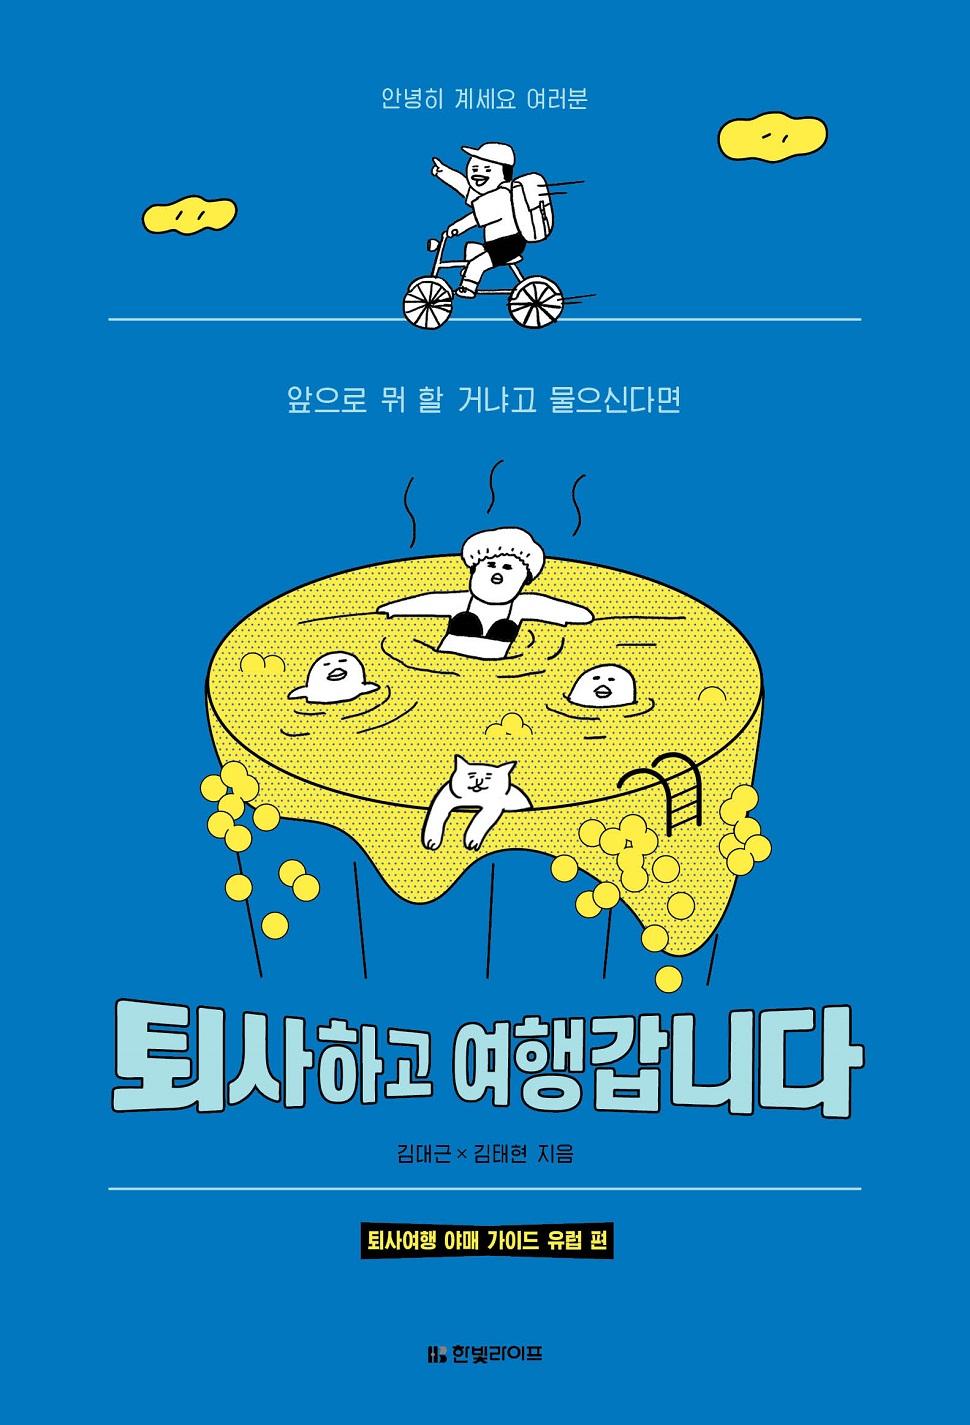 퇴사하고 여행갑니다, 김대근·김태현 지음, 244쪽, 1만3800원 (사진제공: 한빛미디어)